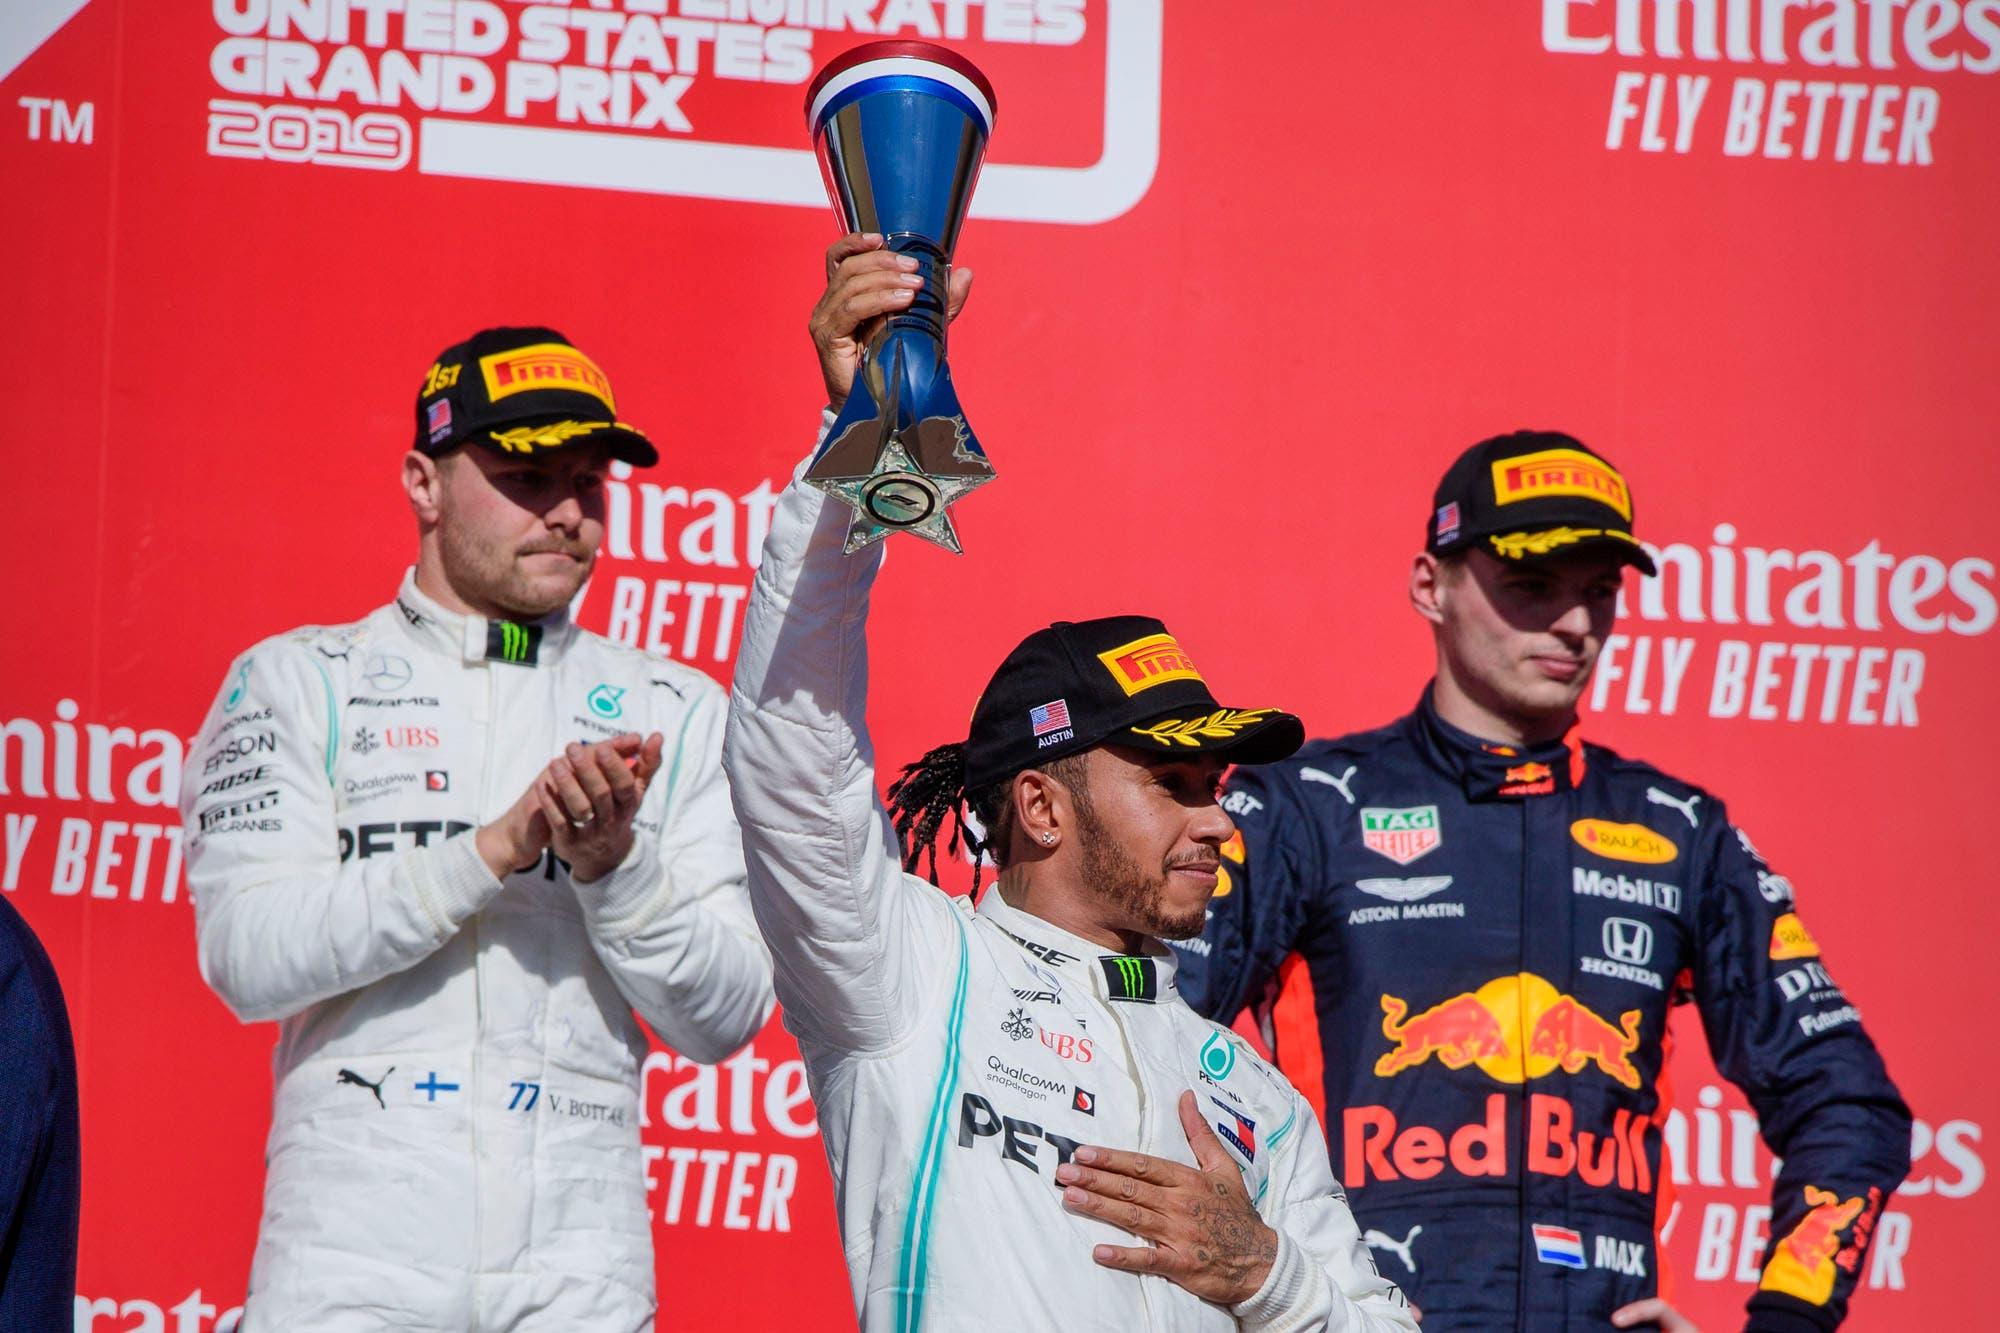 Imparable: Lewis Hamilton se consagró campeón de la Fórmula 1 por sexta vez